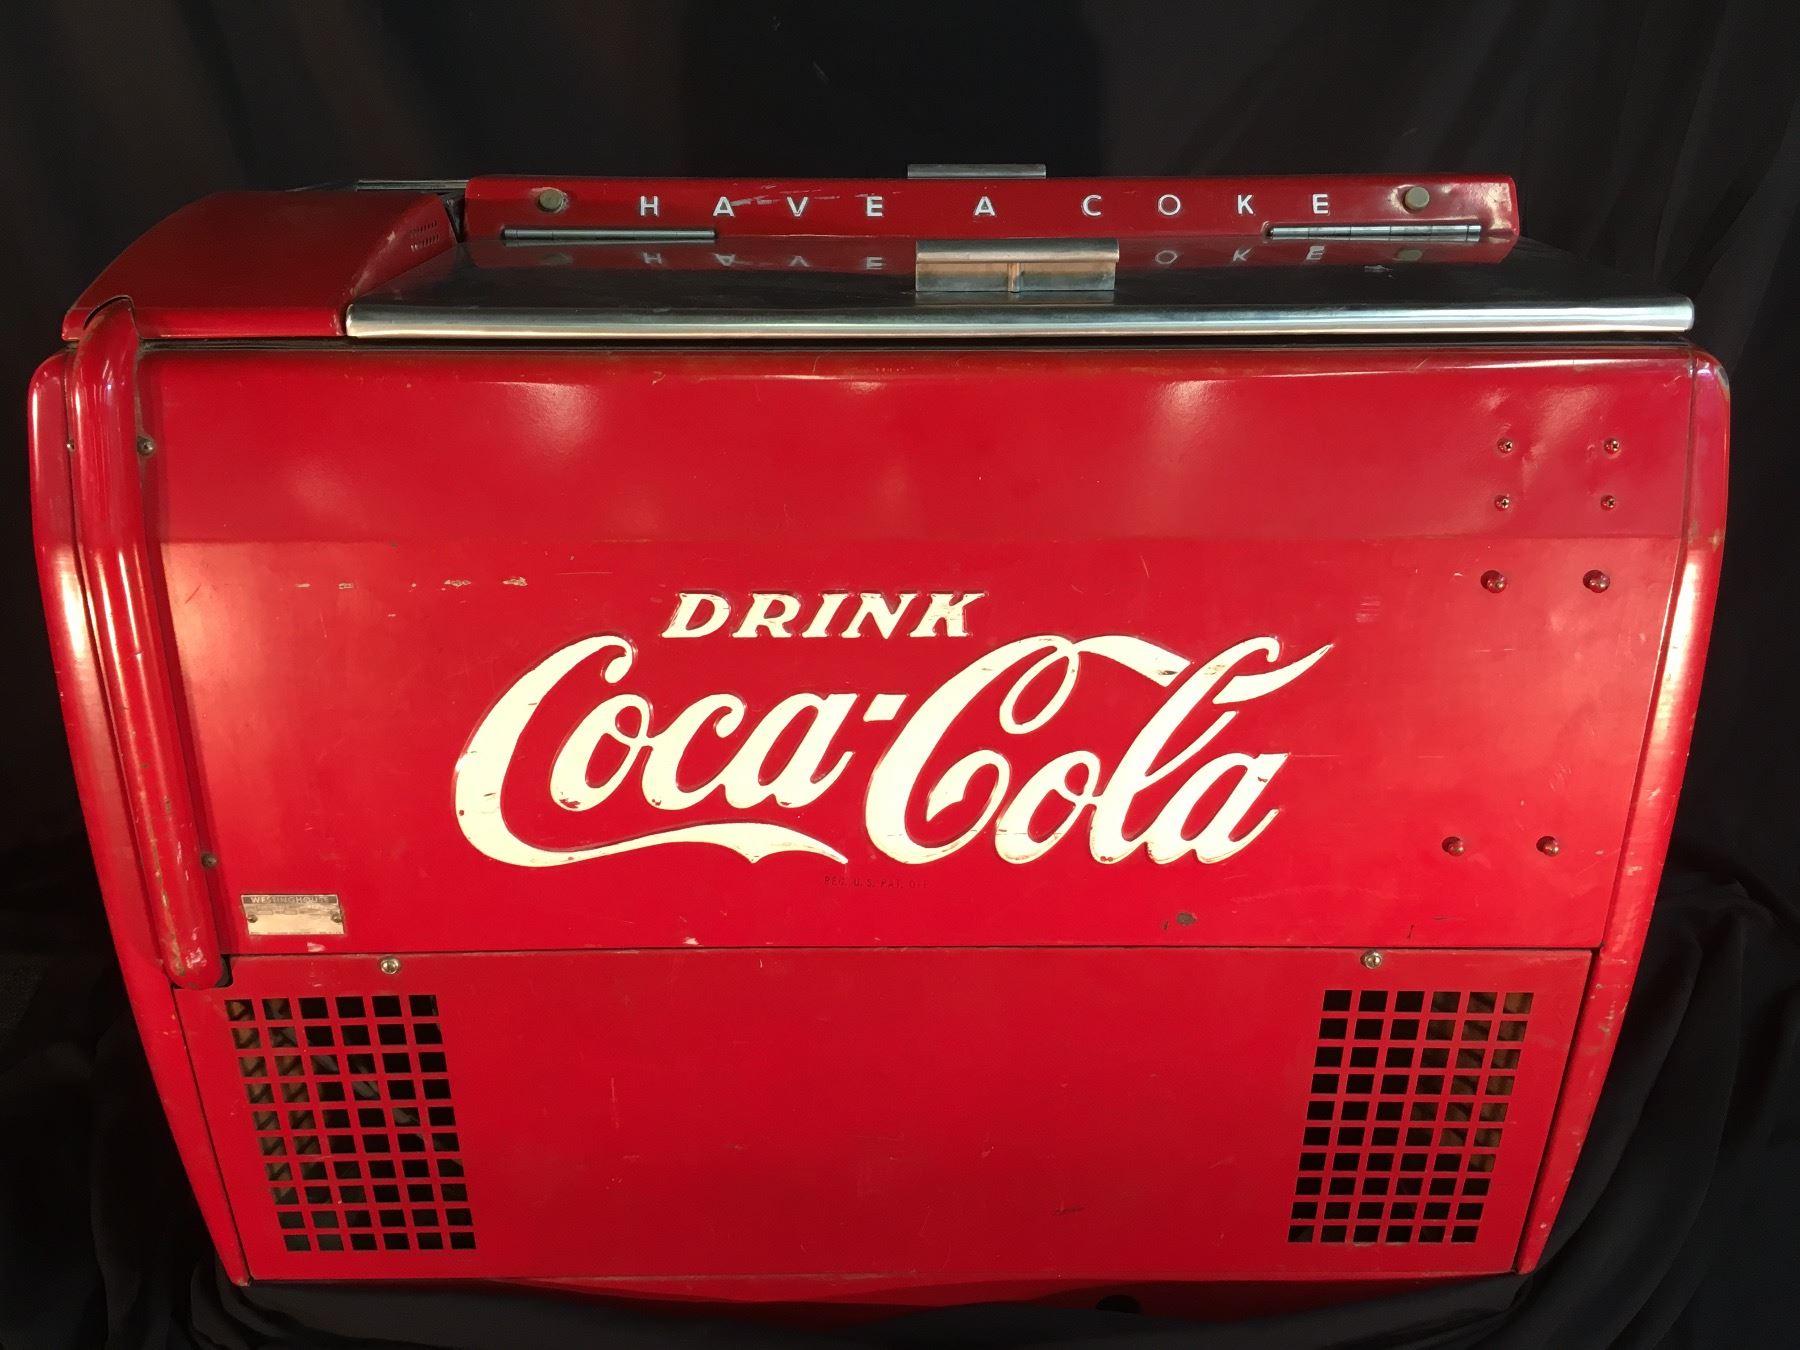 Номер кока колы offspring coca cola